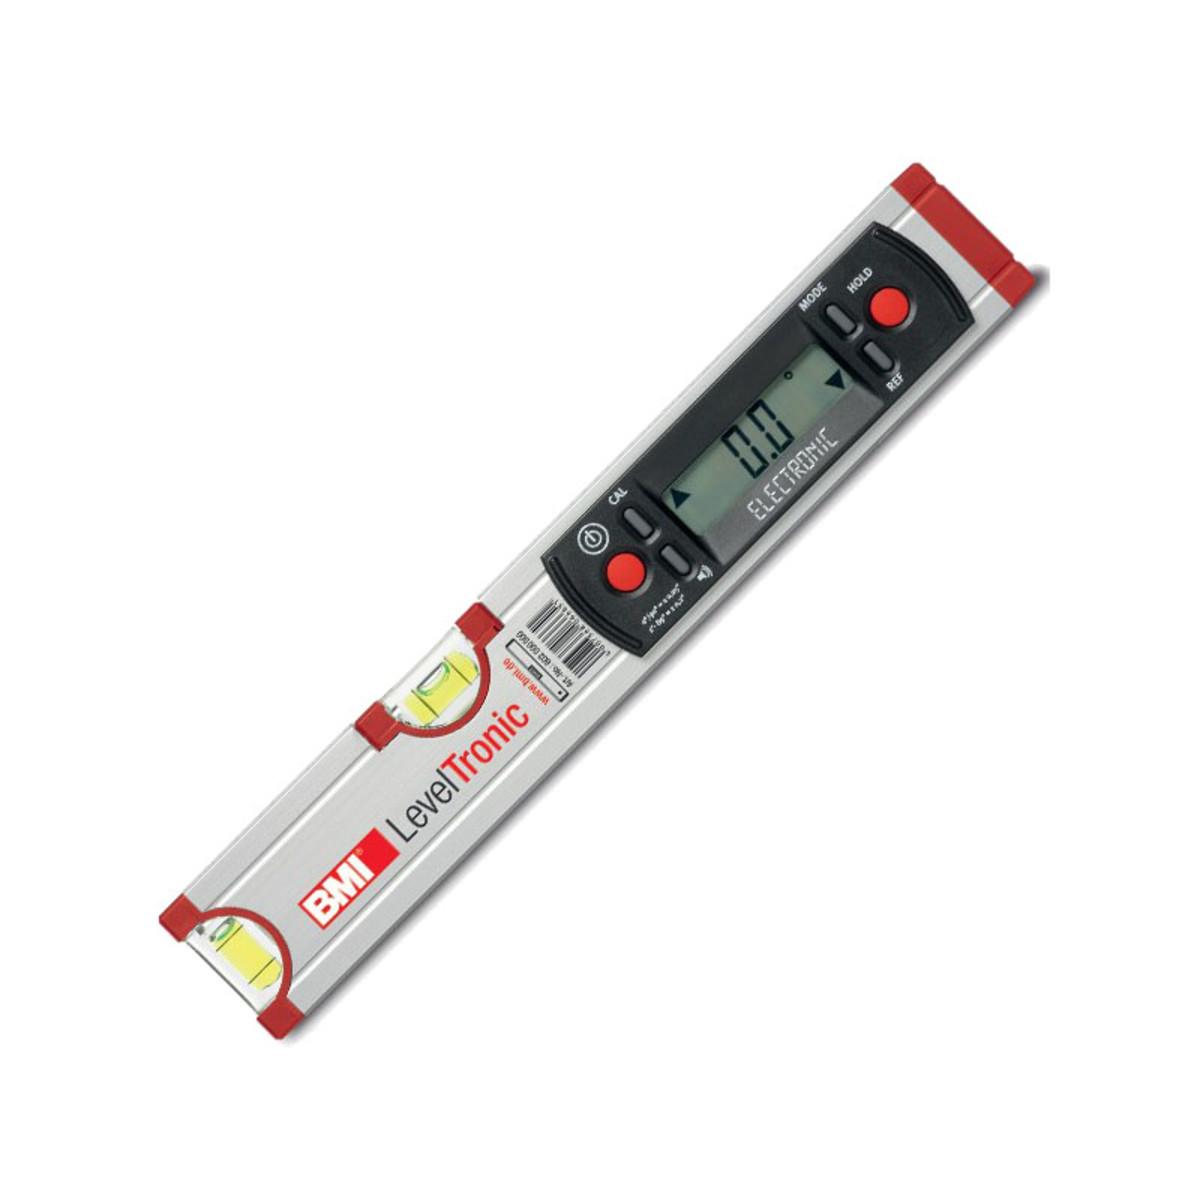 Электронный уровень BMI LEVELTRONIC 600 мм 604060